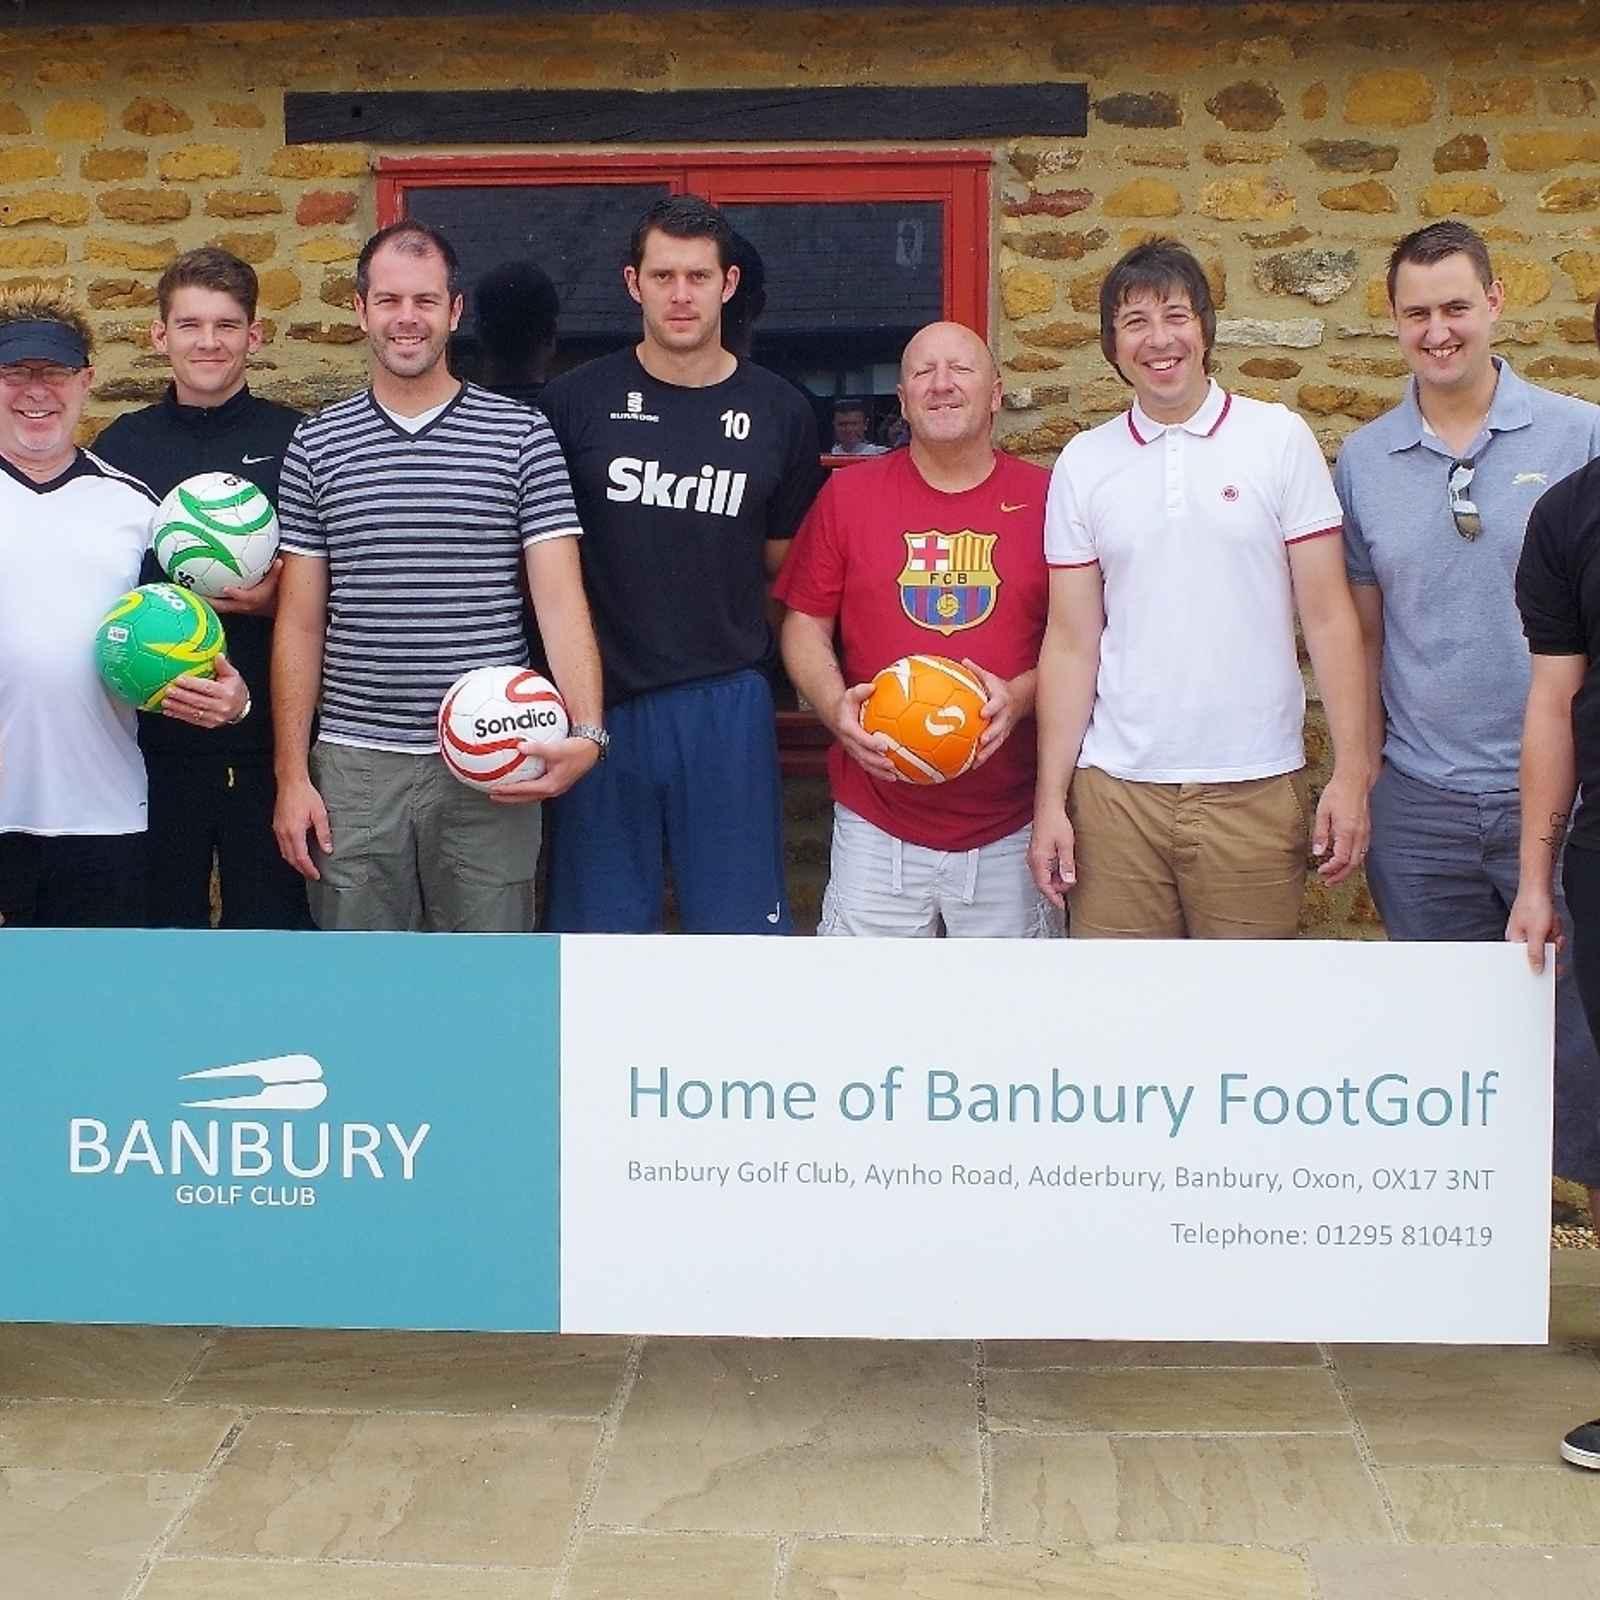 Banbury United Pro-Am FootGolf